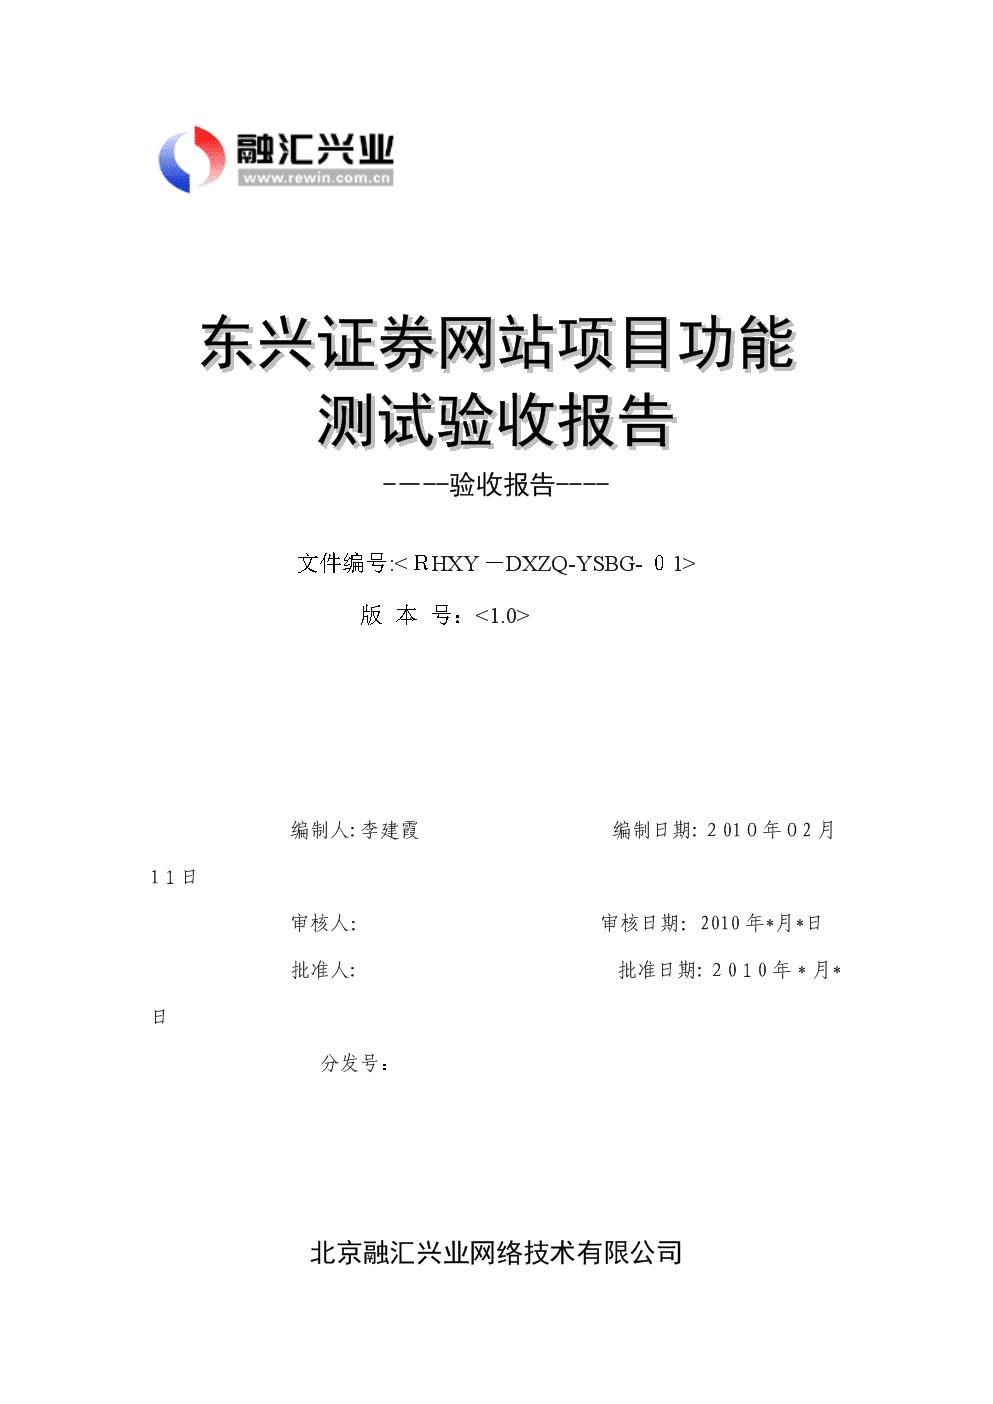 東興證券網站項目驗收報告.doc